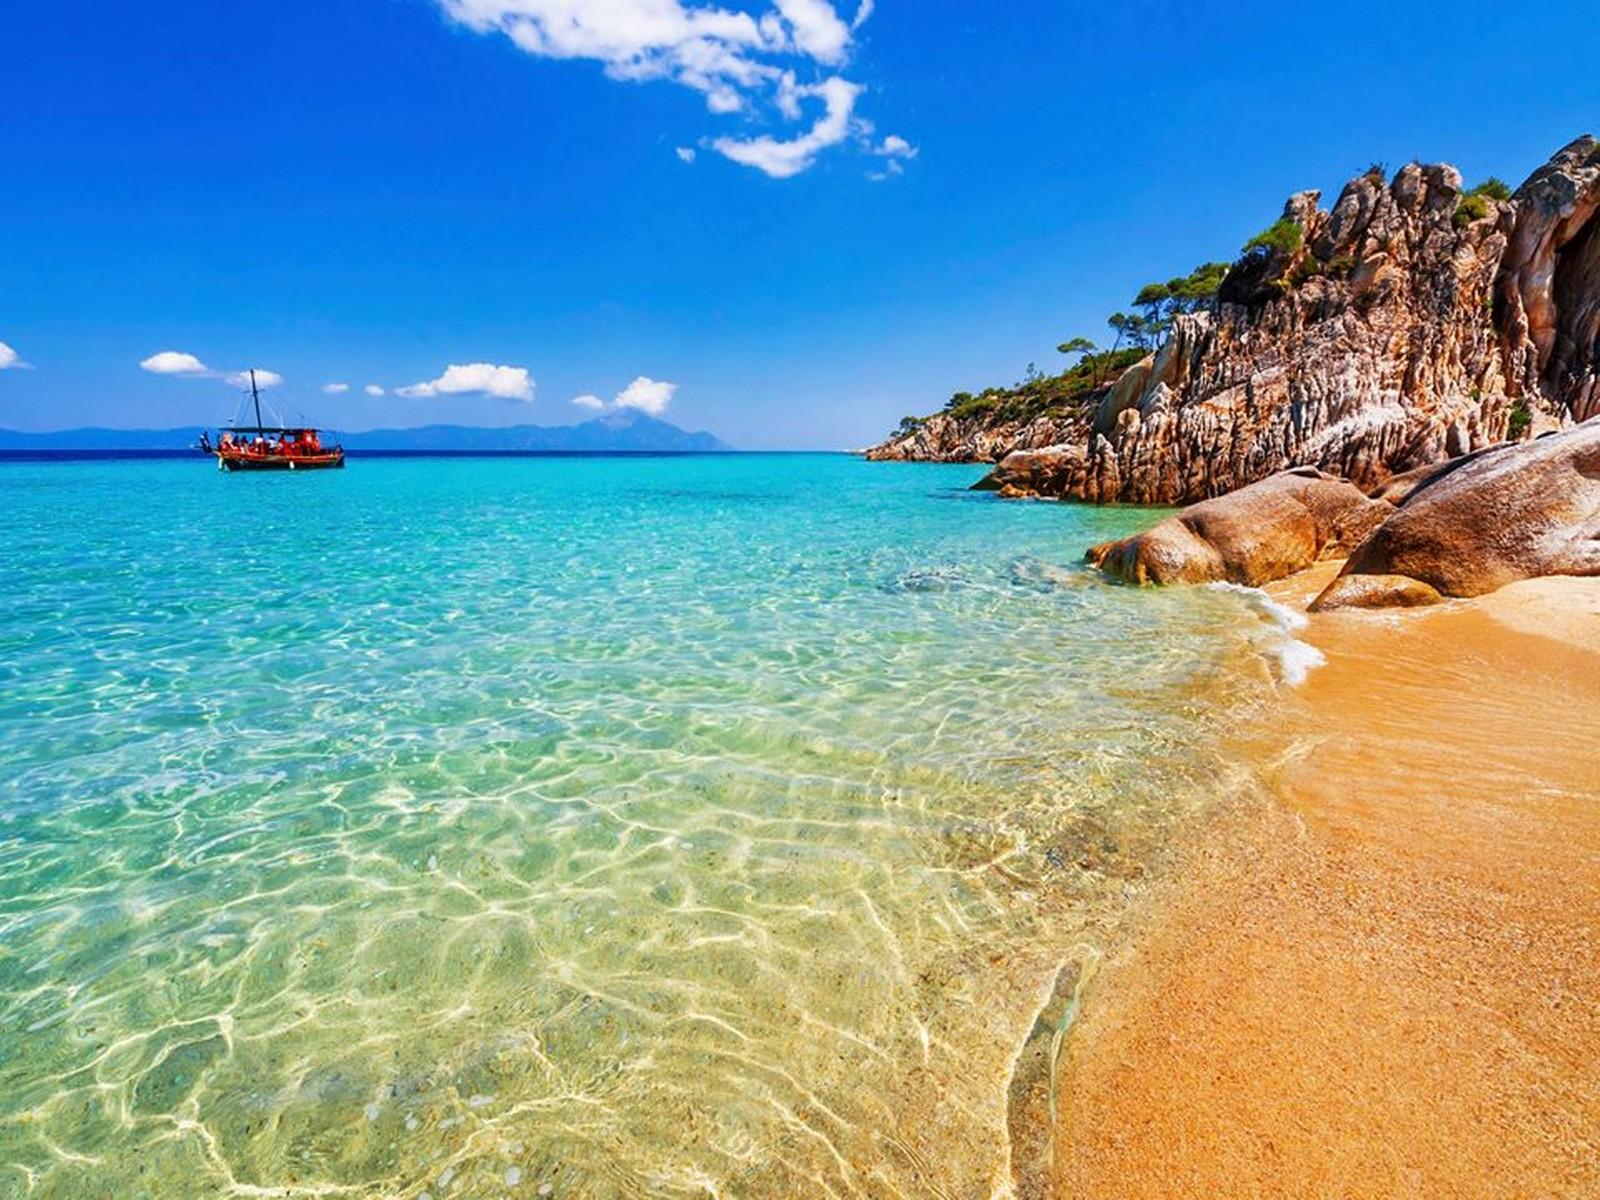 Лучшие пляжи на острове Халкидики, Греция